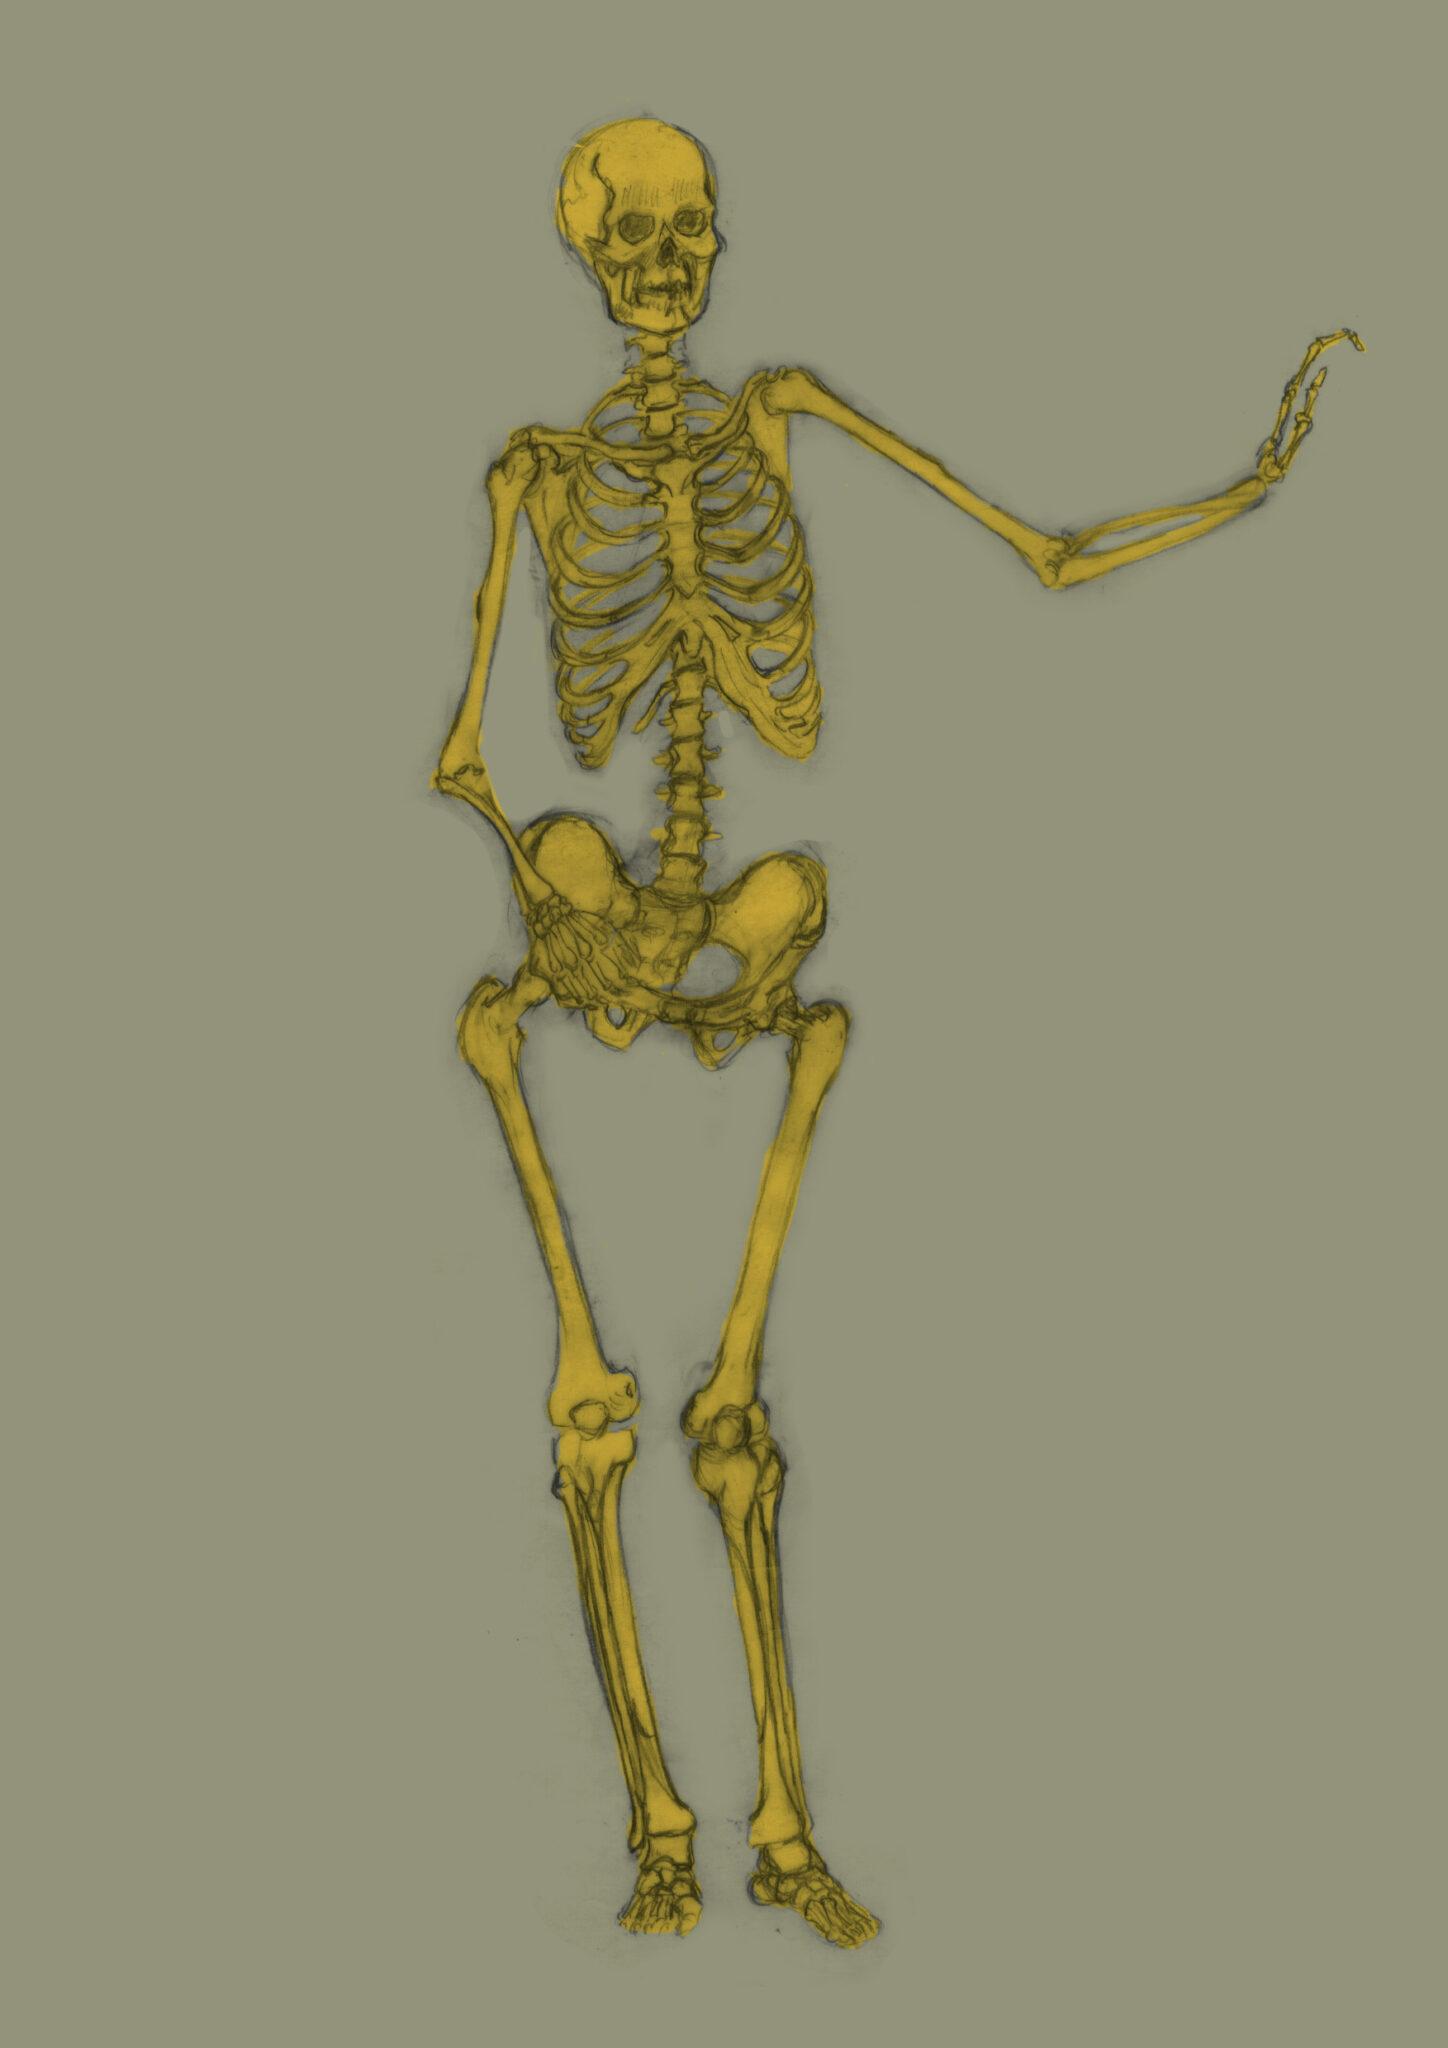 Squelette (crayon, colorisation numérique)